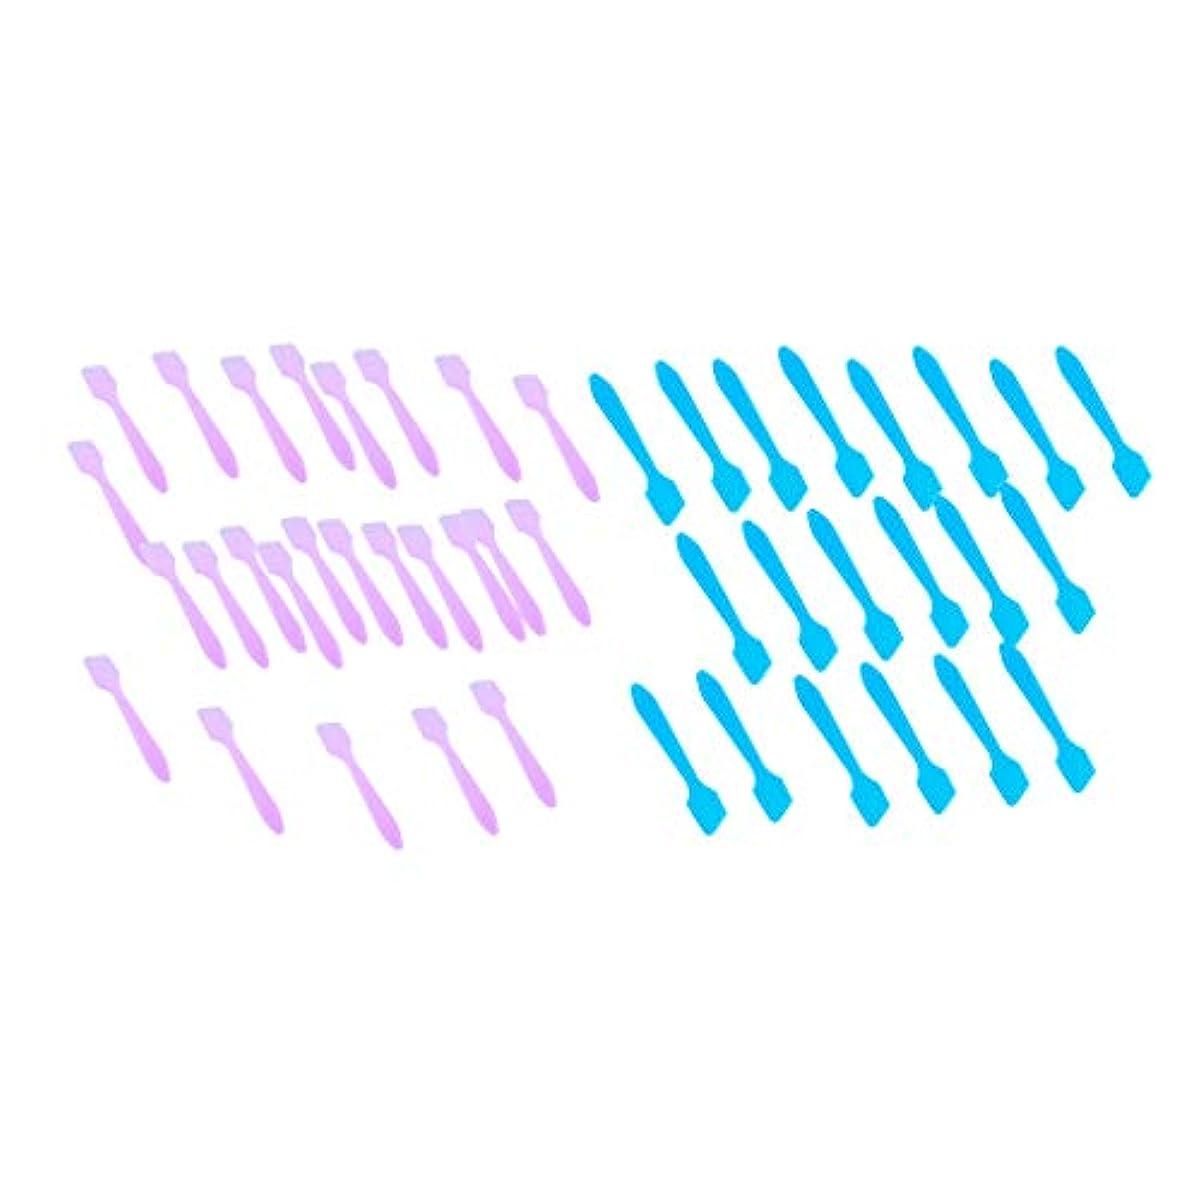 典型的な甘くするオーディション200個セット フェイシャル フェイスマスク混合ツール 化粧品へら 全2選択 - 青+ピンク